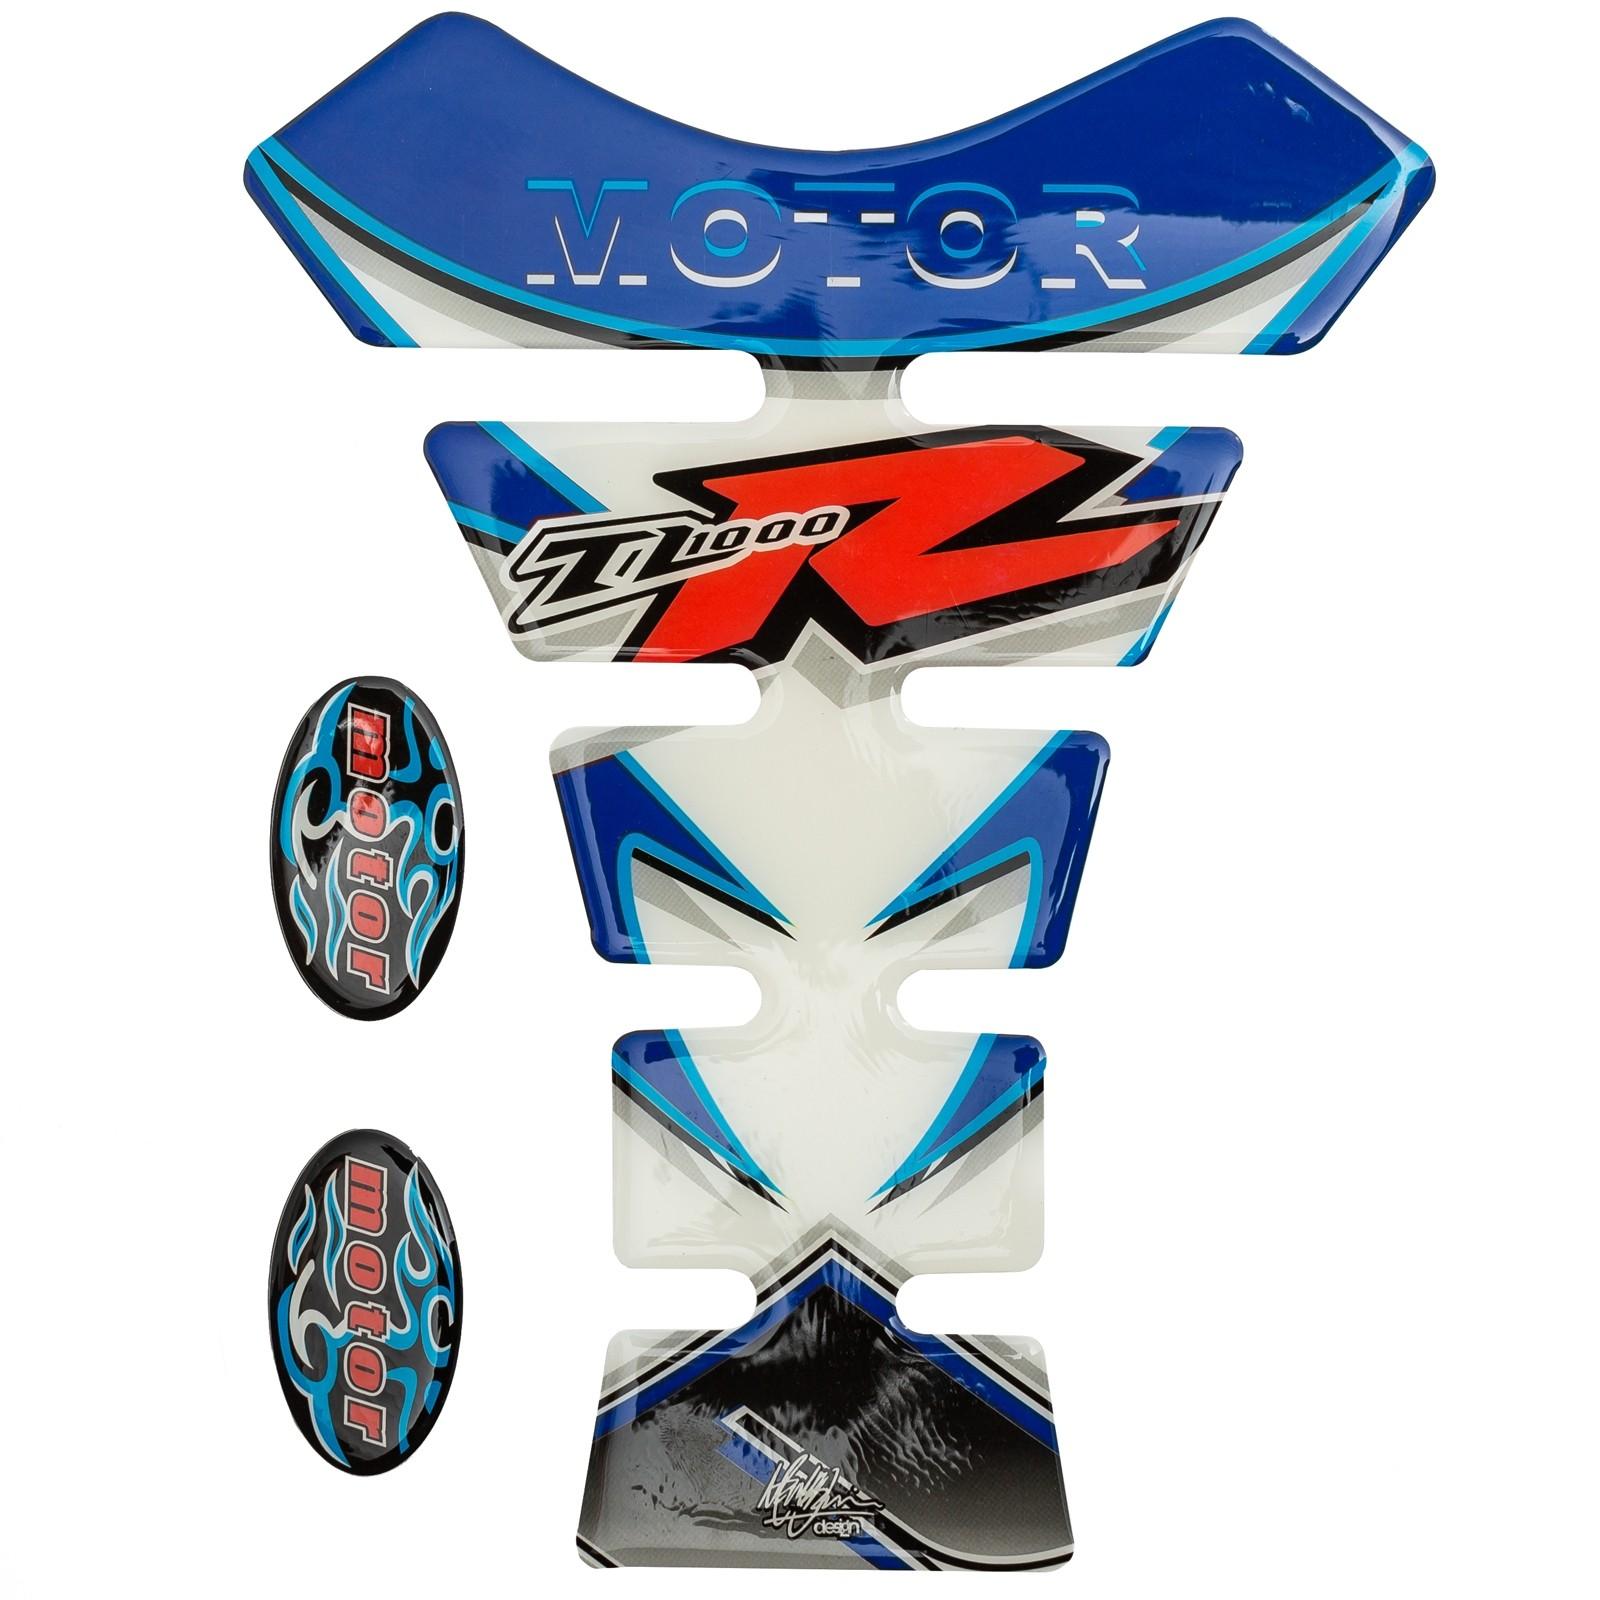 AD2612-Adesivo-Tank-Pad-Serbatoio-Blue-Sonic-Moto-A-Pro